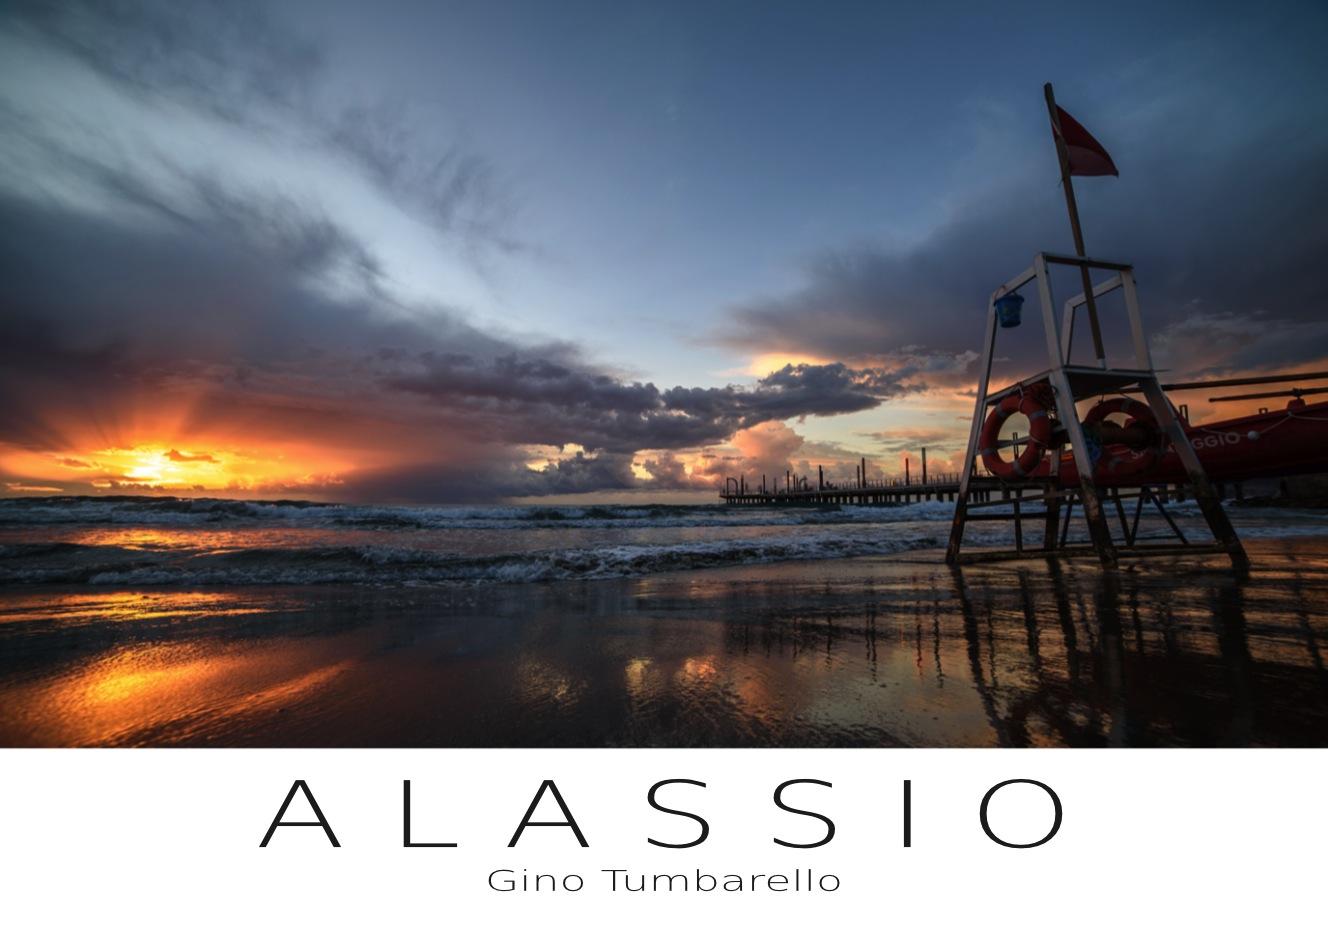 Il libro fotografico su Alassio a Sagralea